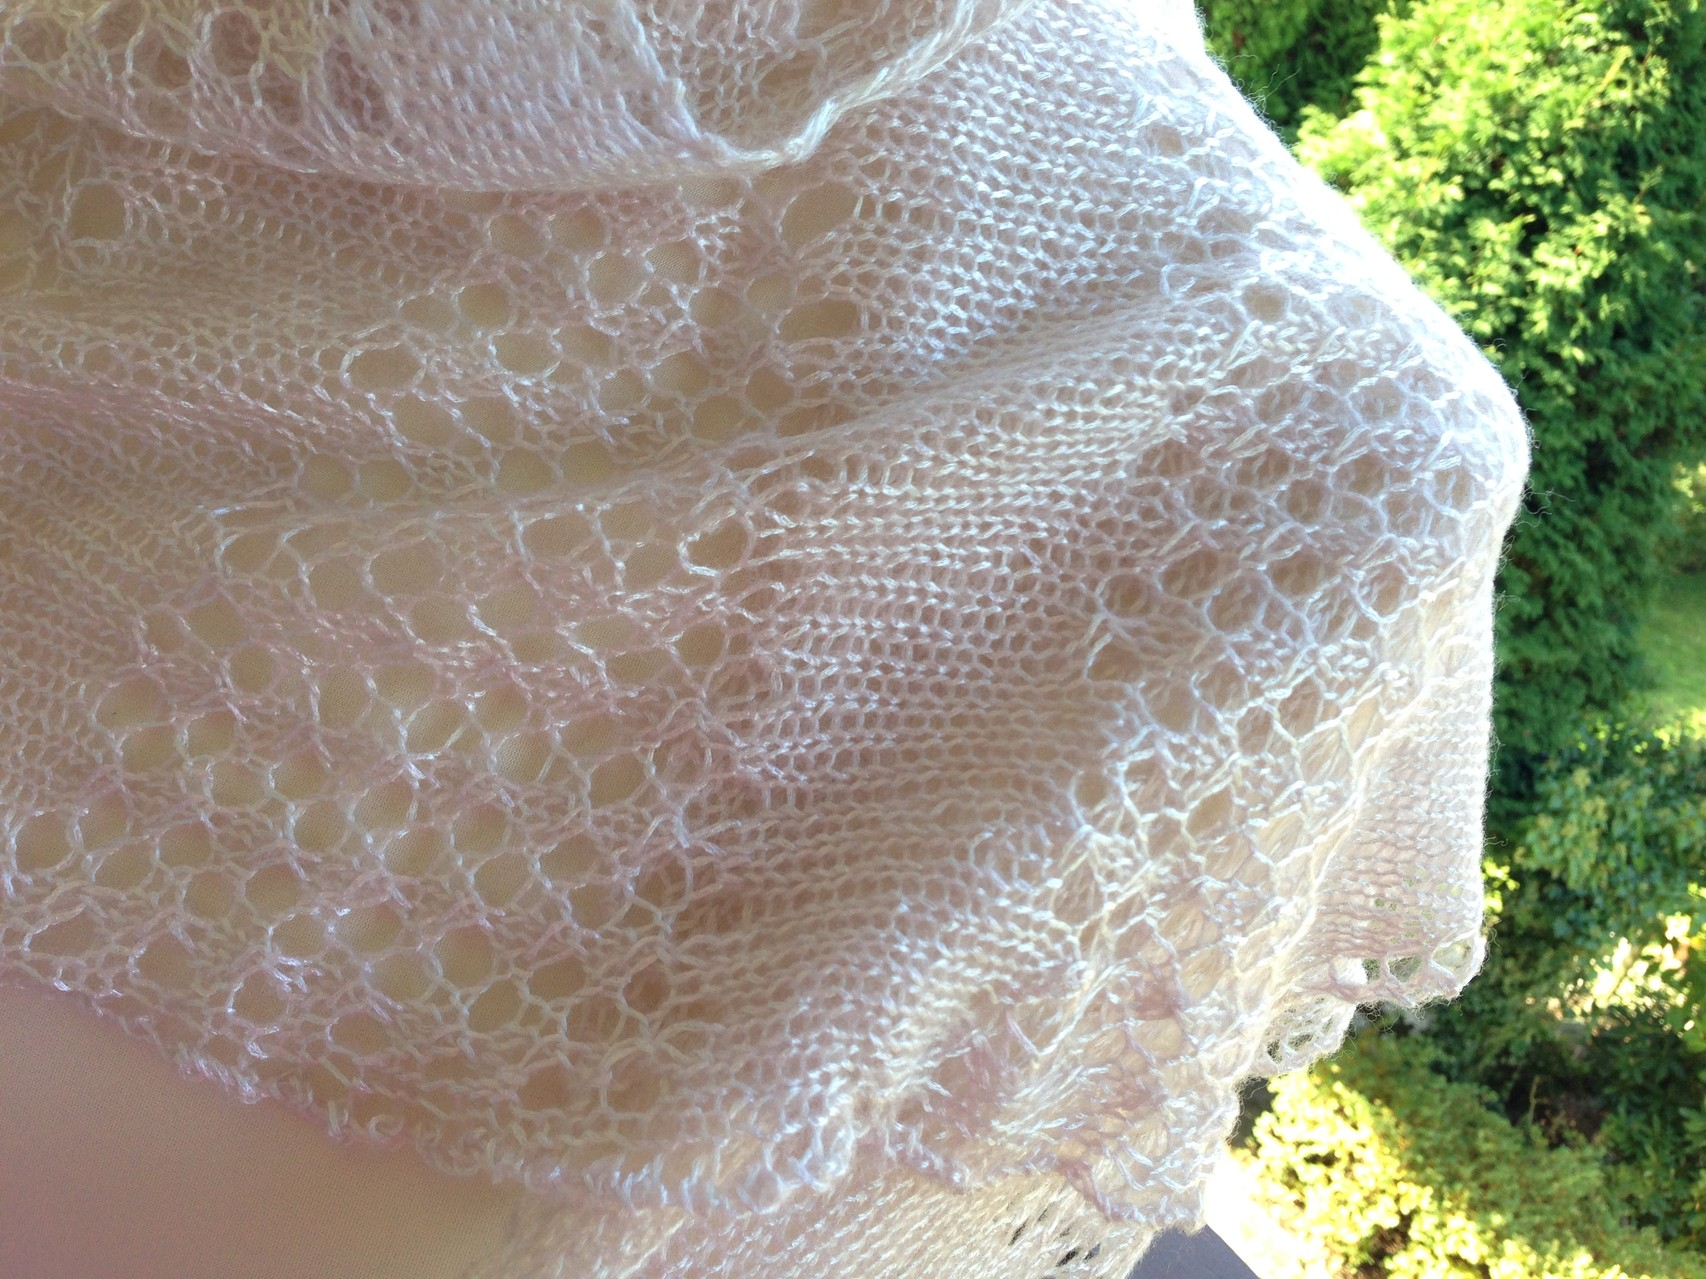 Perlmuttfarbenes Tuch aus Lace Lux Garn von Lana Grossa; Muster GaudyManie von Birgit Freyer